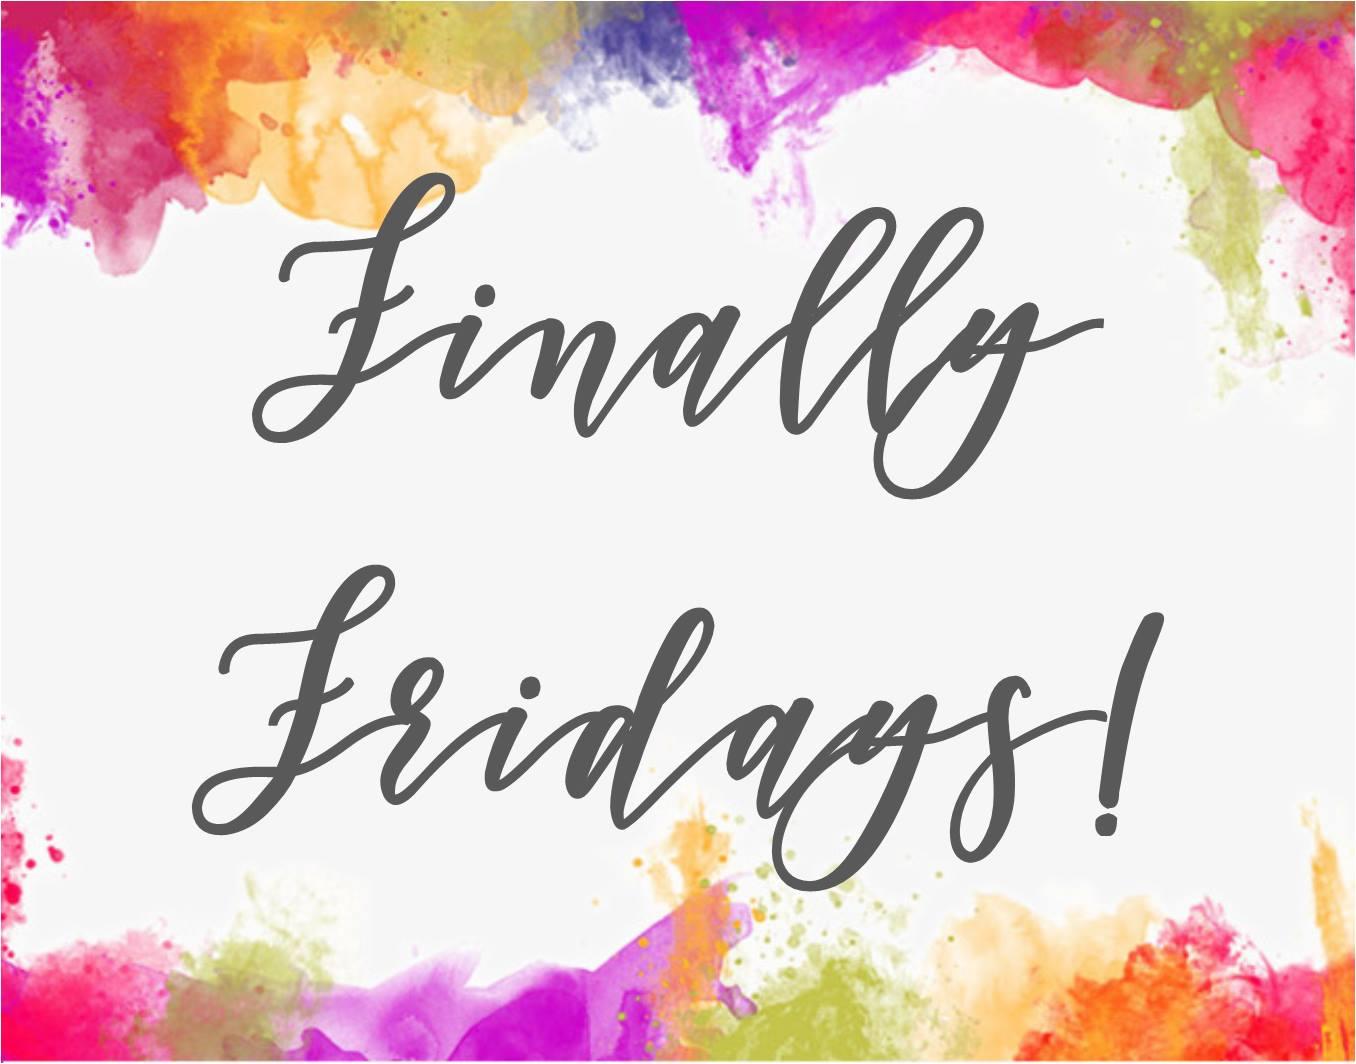 Finally Fridays at Mallinson Vineyard and Hall - Wine - Games - Fun - Independence Mo - Sugar Creek Mo.jpg